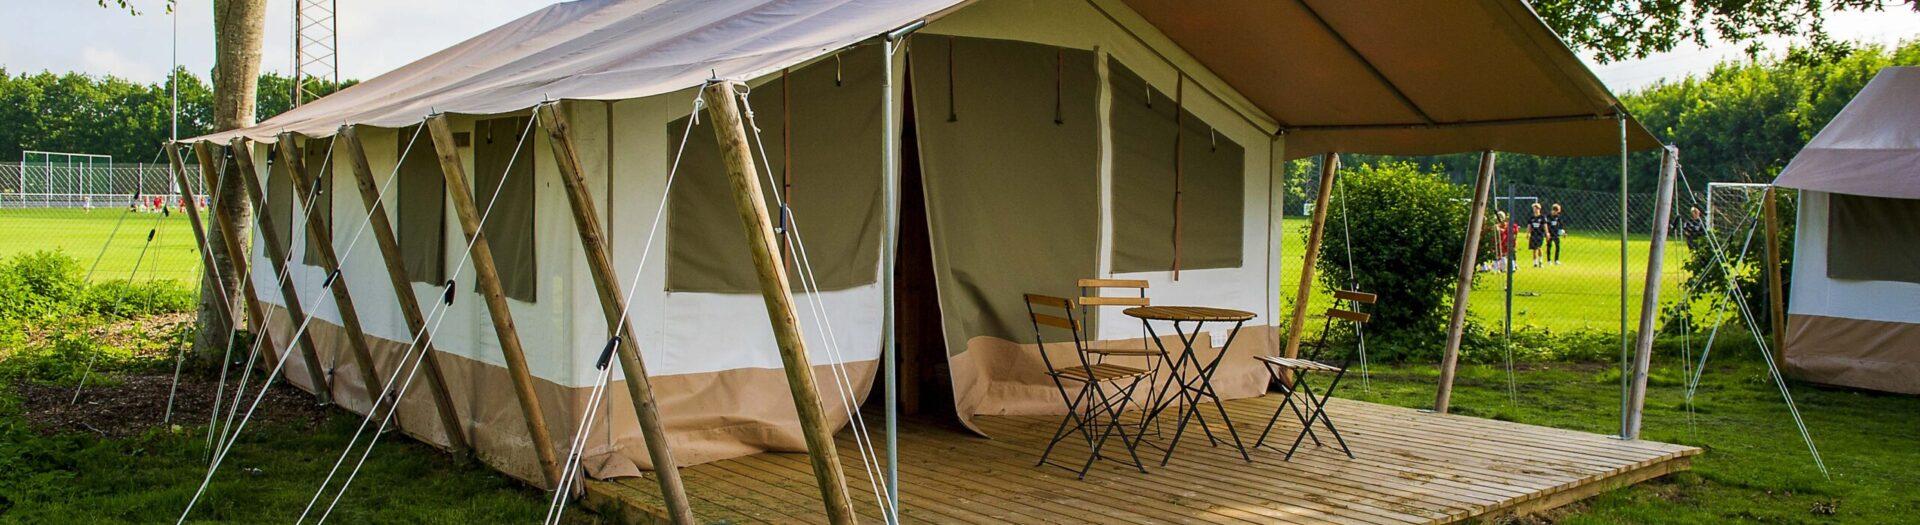 Priser – Tønder Camping